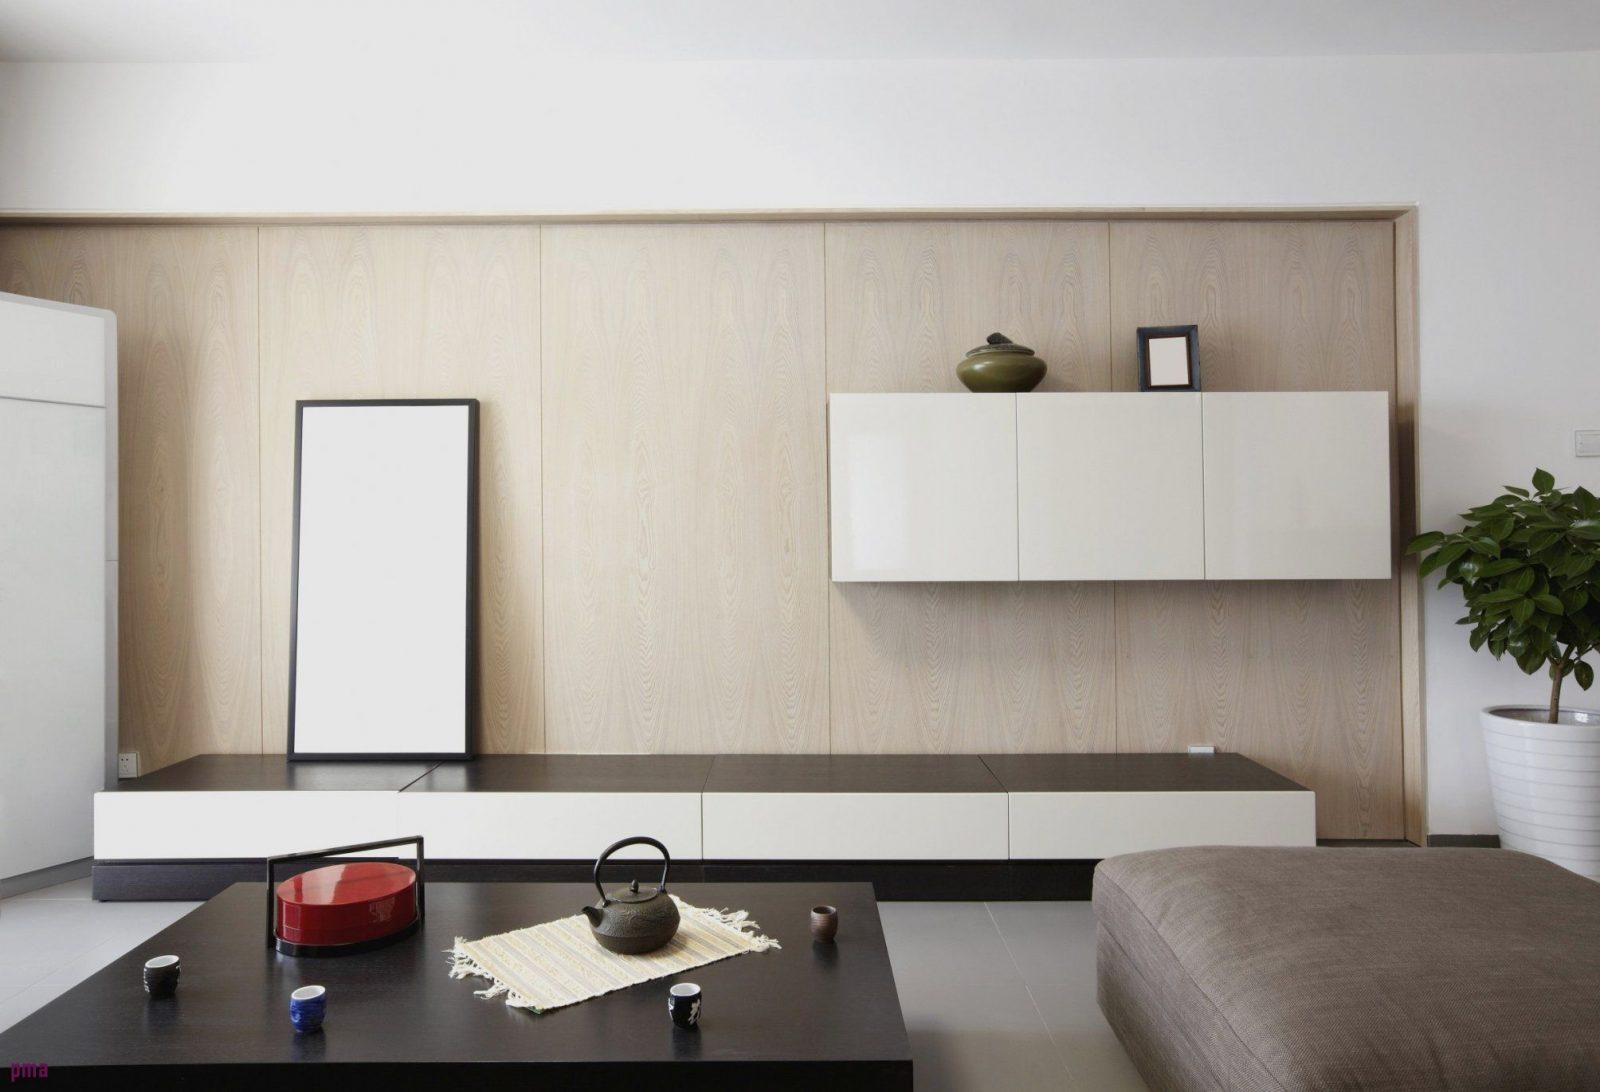 Grosse Bilder Fürs Wohnzimmer 37 Beautiful Design Bezieht Sich Auf von Grosse Bilder Fürs Wohnzimmer Photo